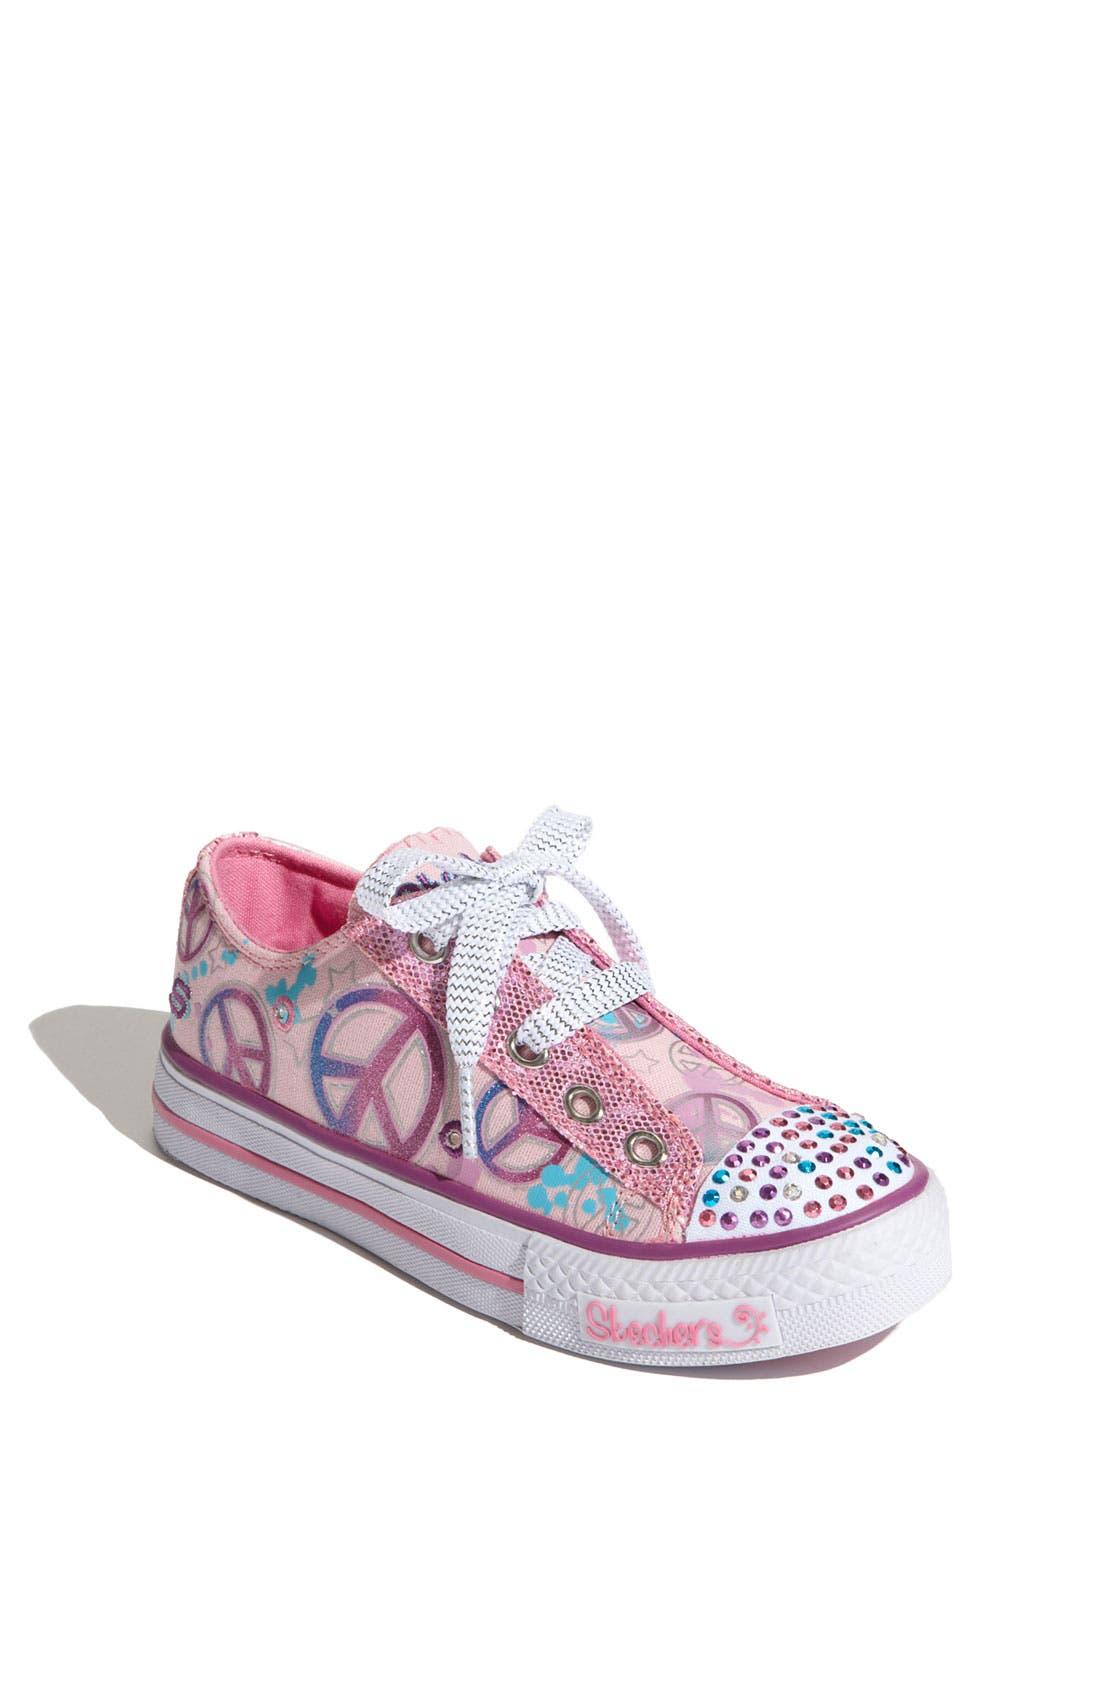 Main Image - SKECHERS 'Lovable' Sneaker (Toddler & Little Kid)